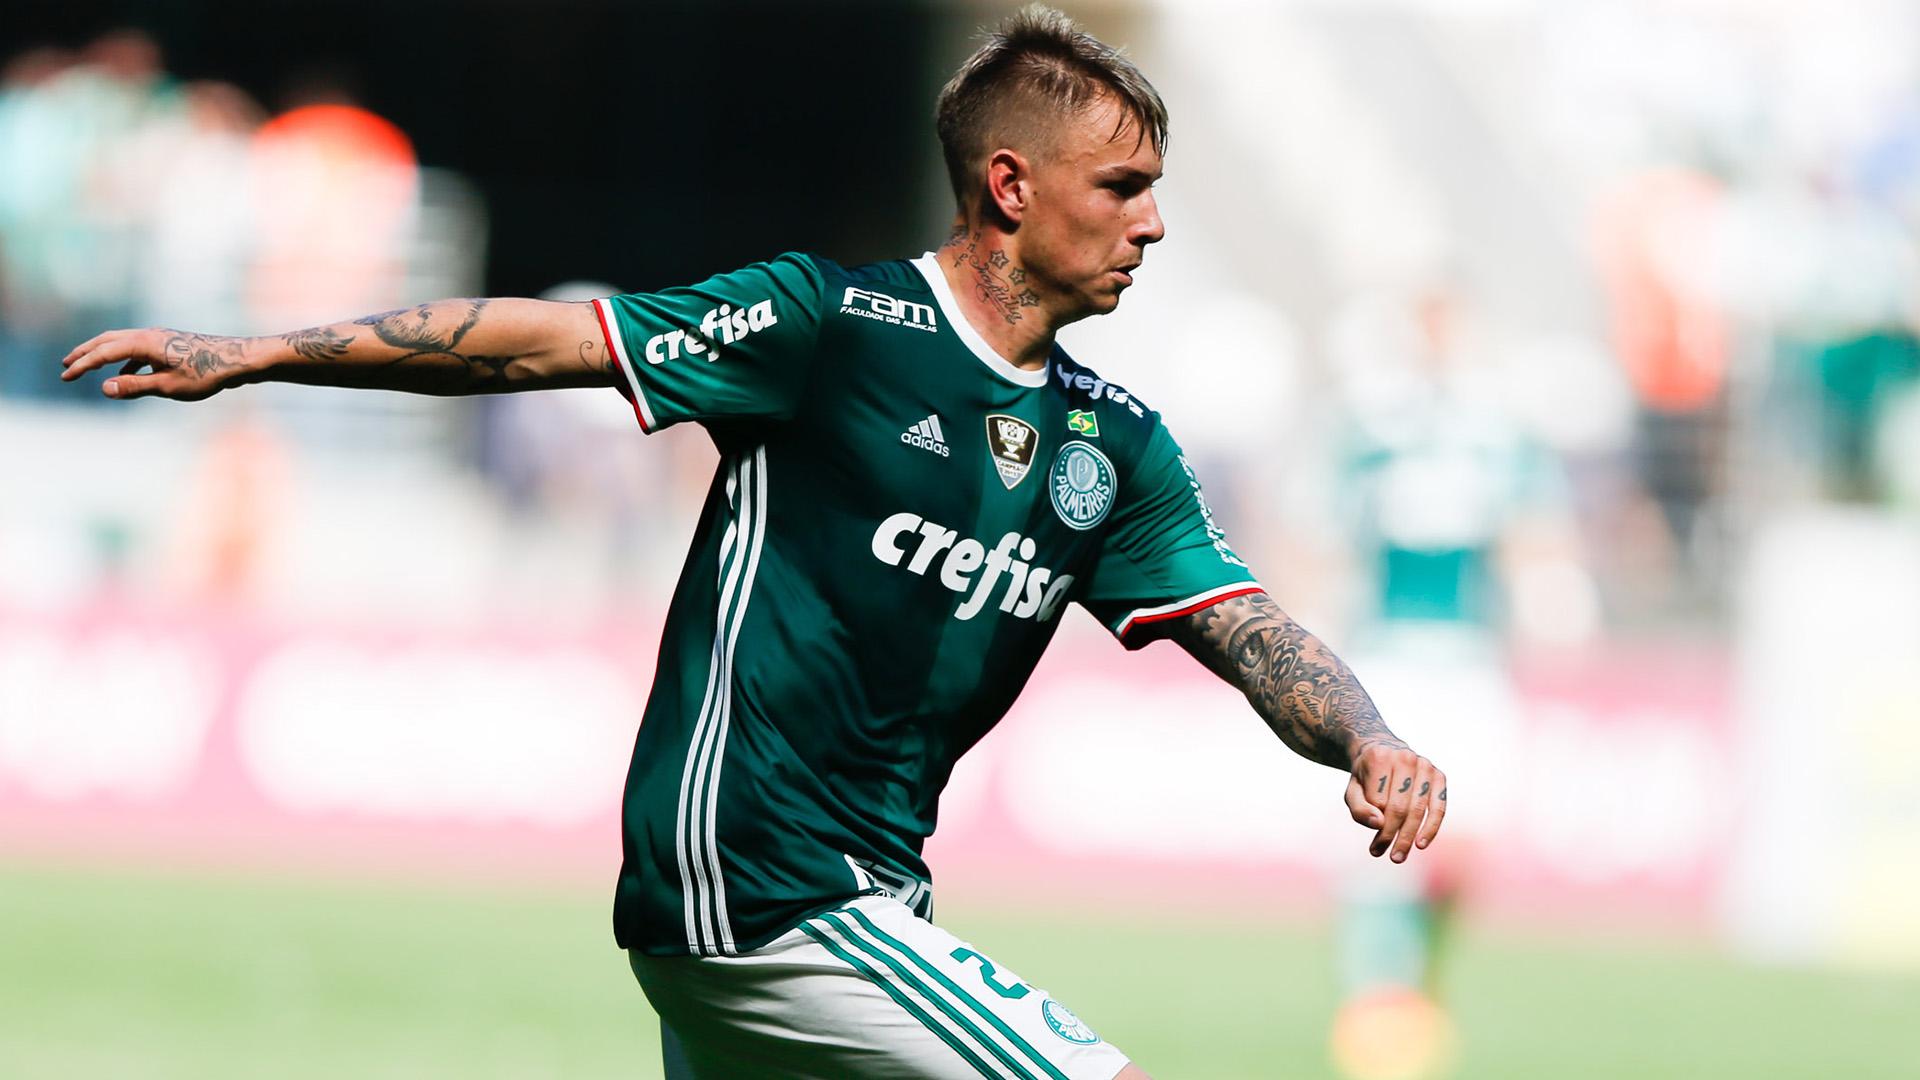 Os Melhores Do Primeiro Turno Do Campeonato Brasileiro Goal Com